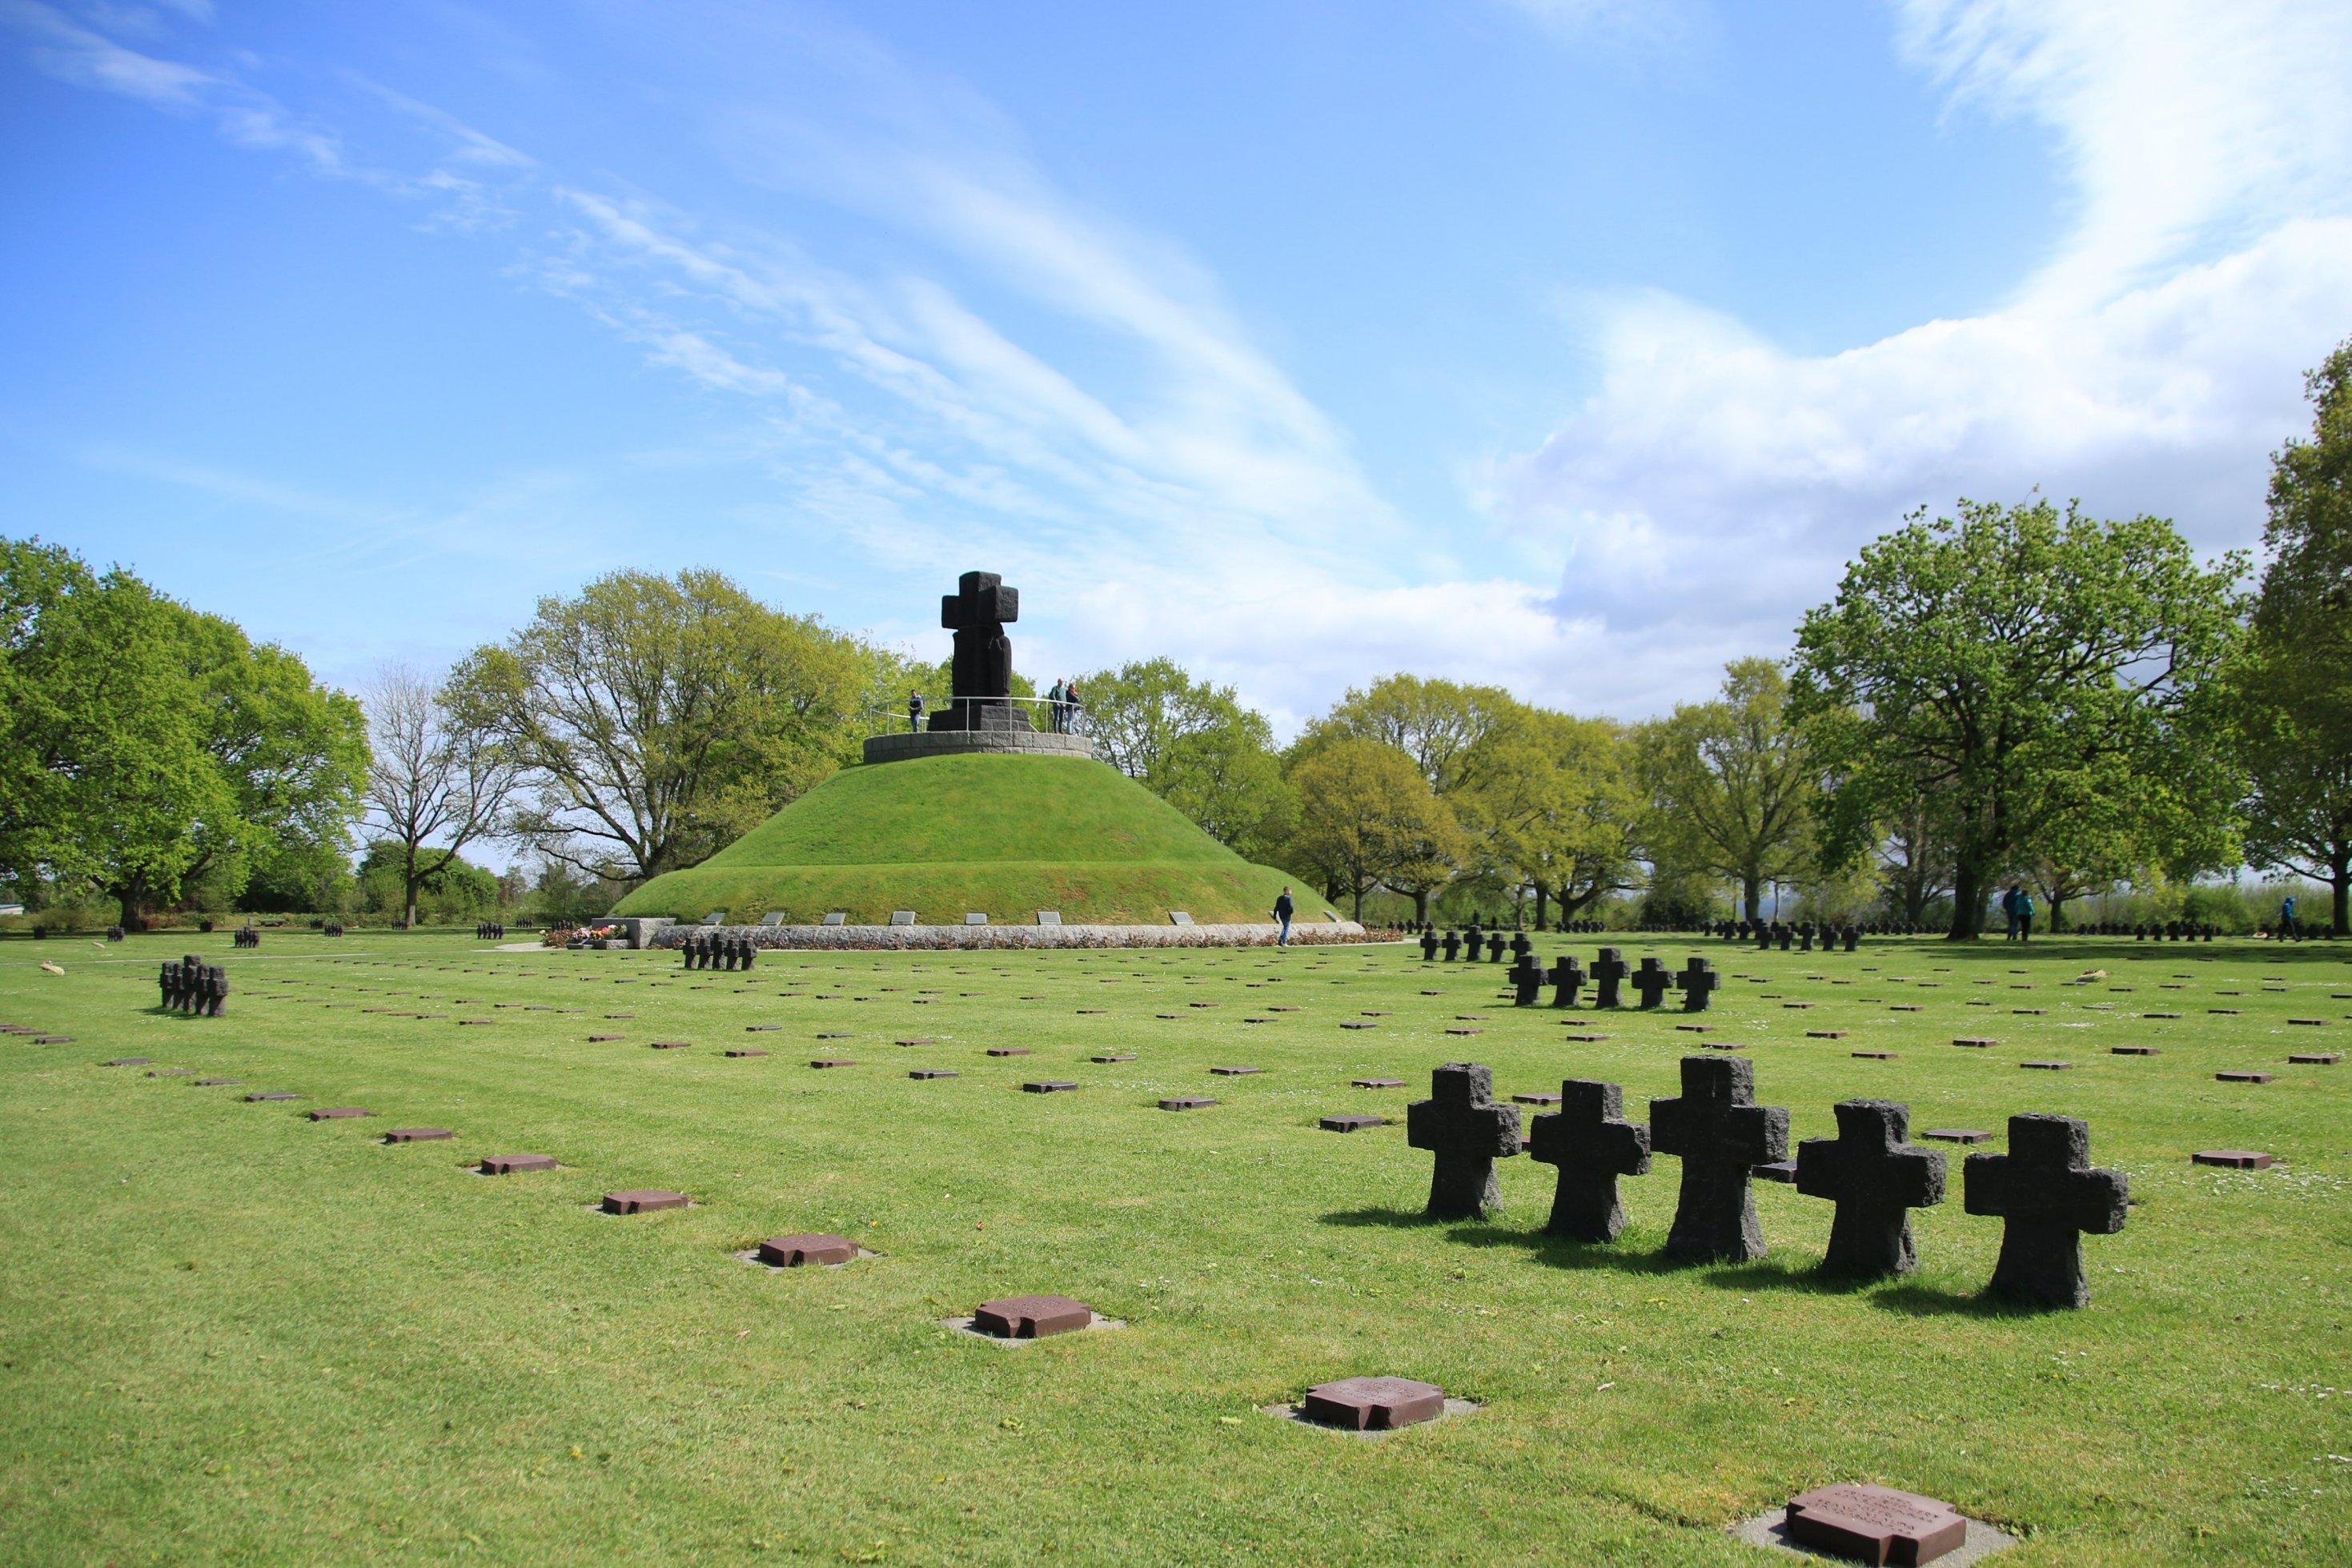 Ein Friedhof mit einigen steinernen Kreuzen und einer Erhöhung samt Kreuz-Denkmal.